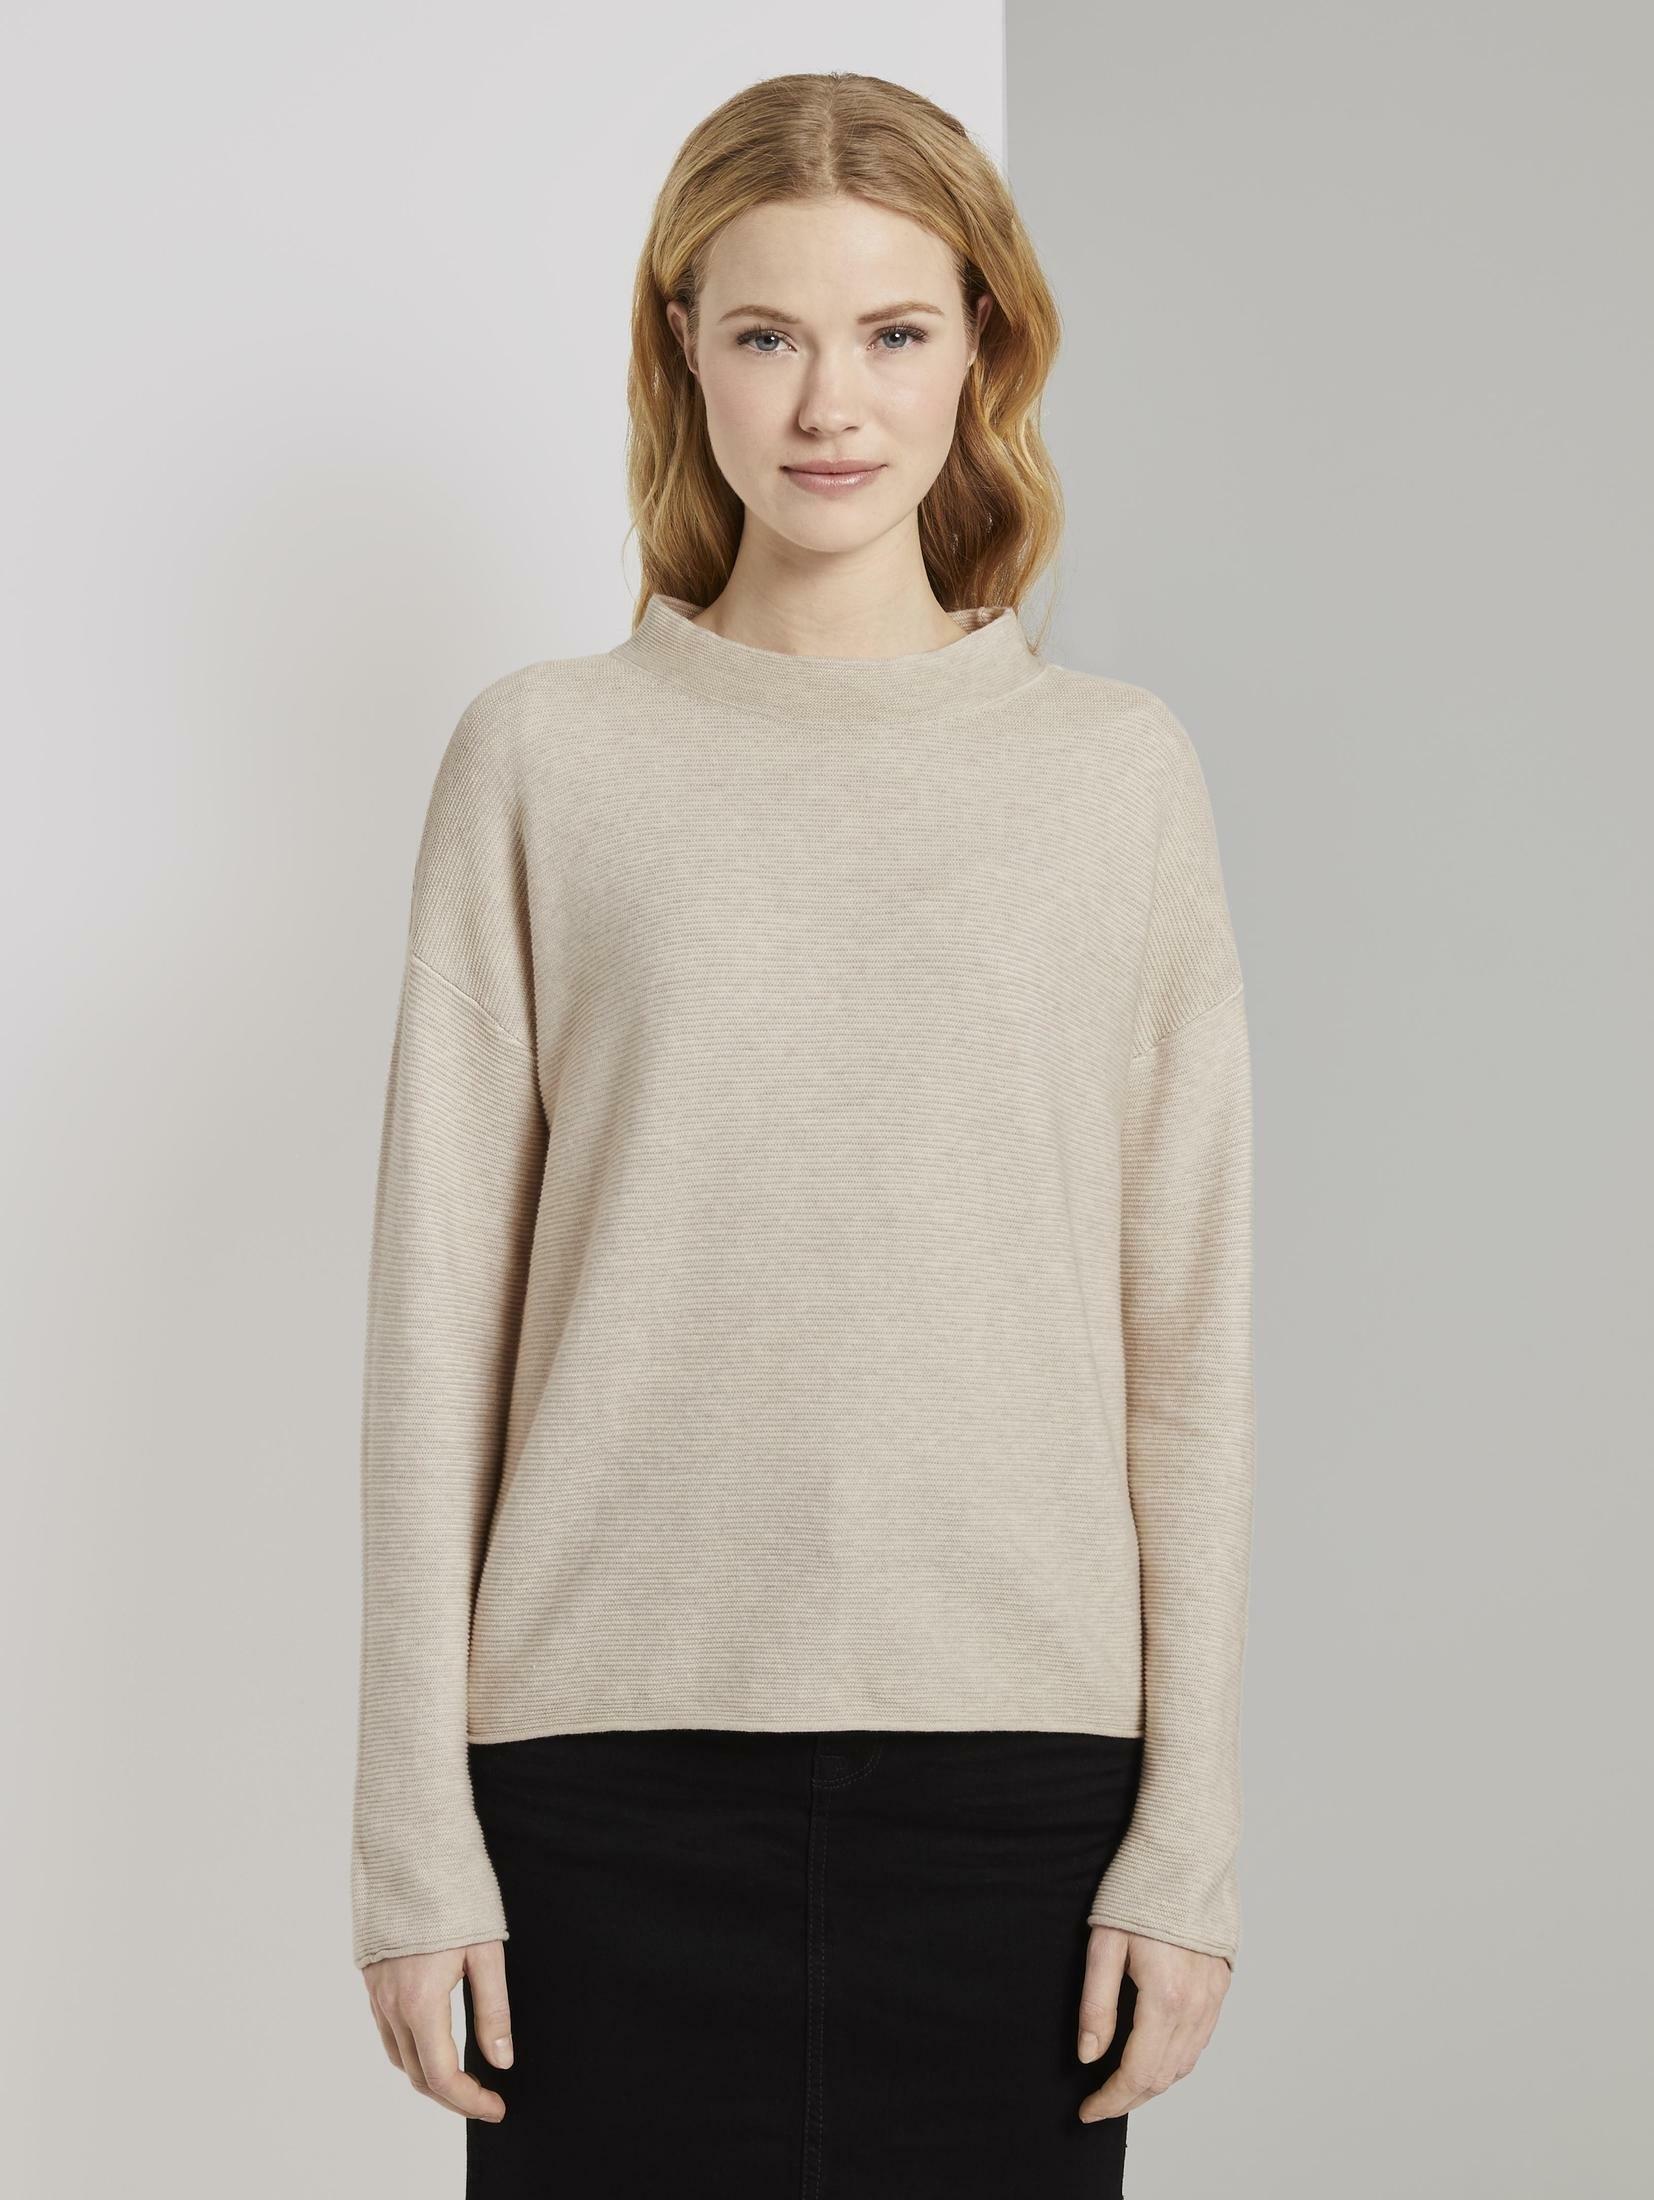 TOM TAILOR trui met staande kraag »strukturierter Pullover« bestellen: 30 dagen bedenktijd